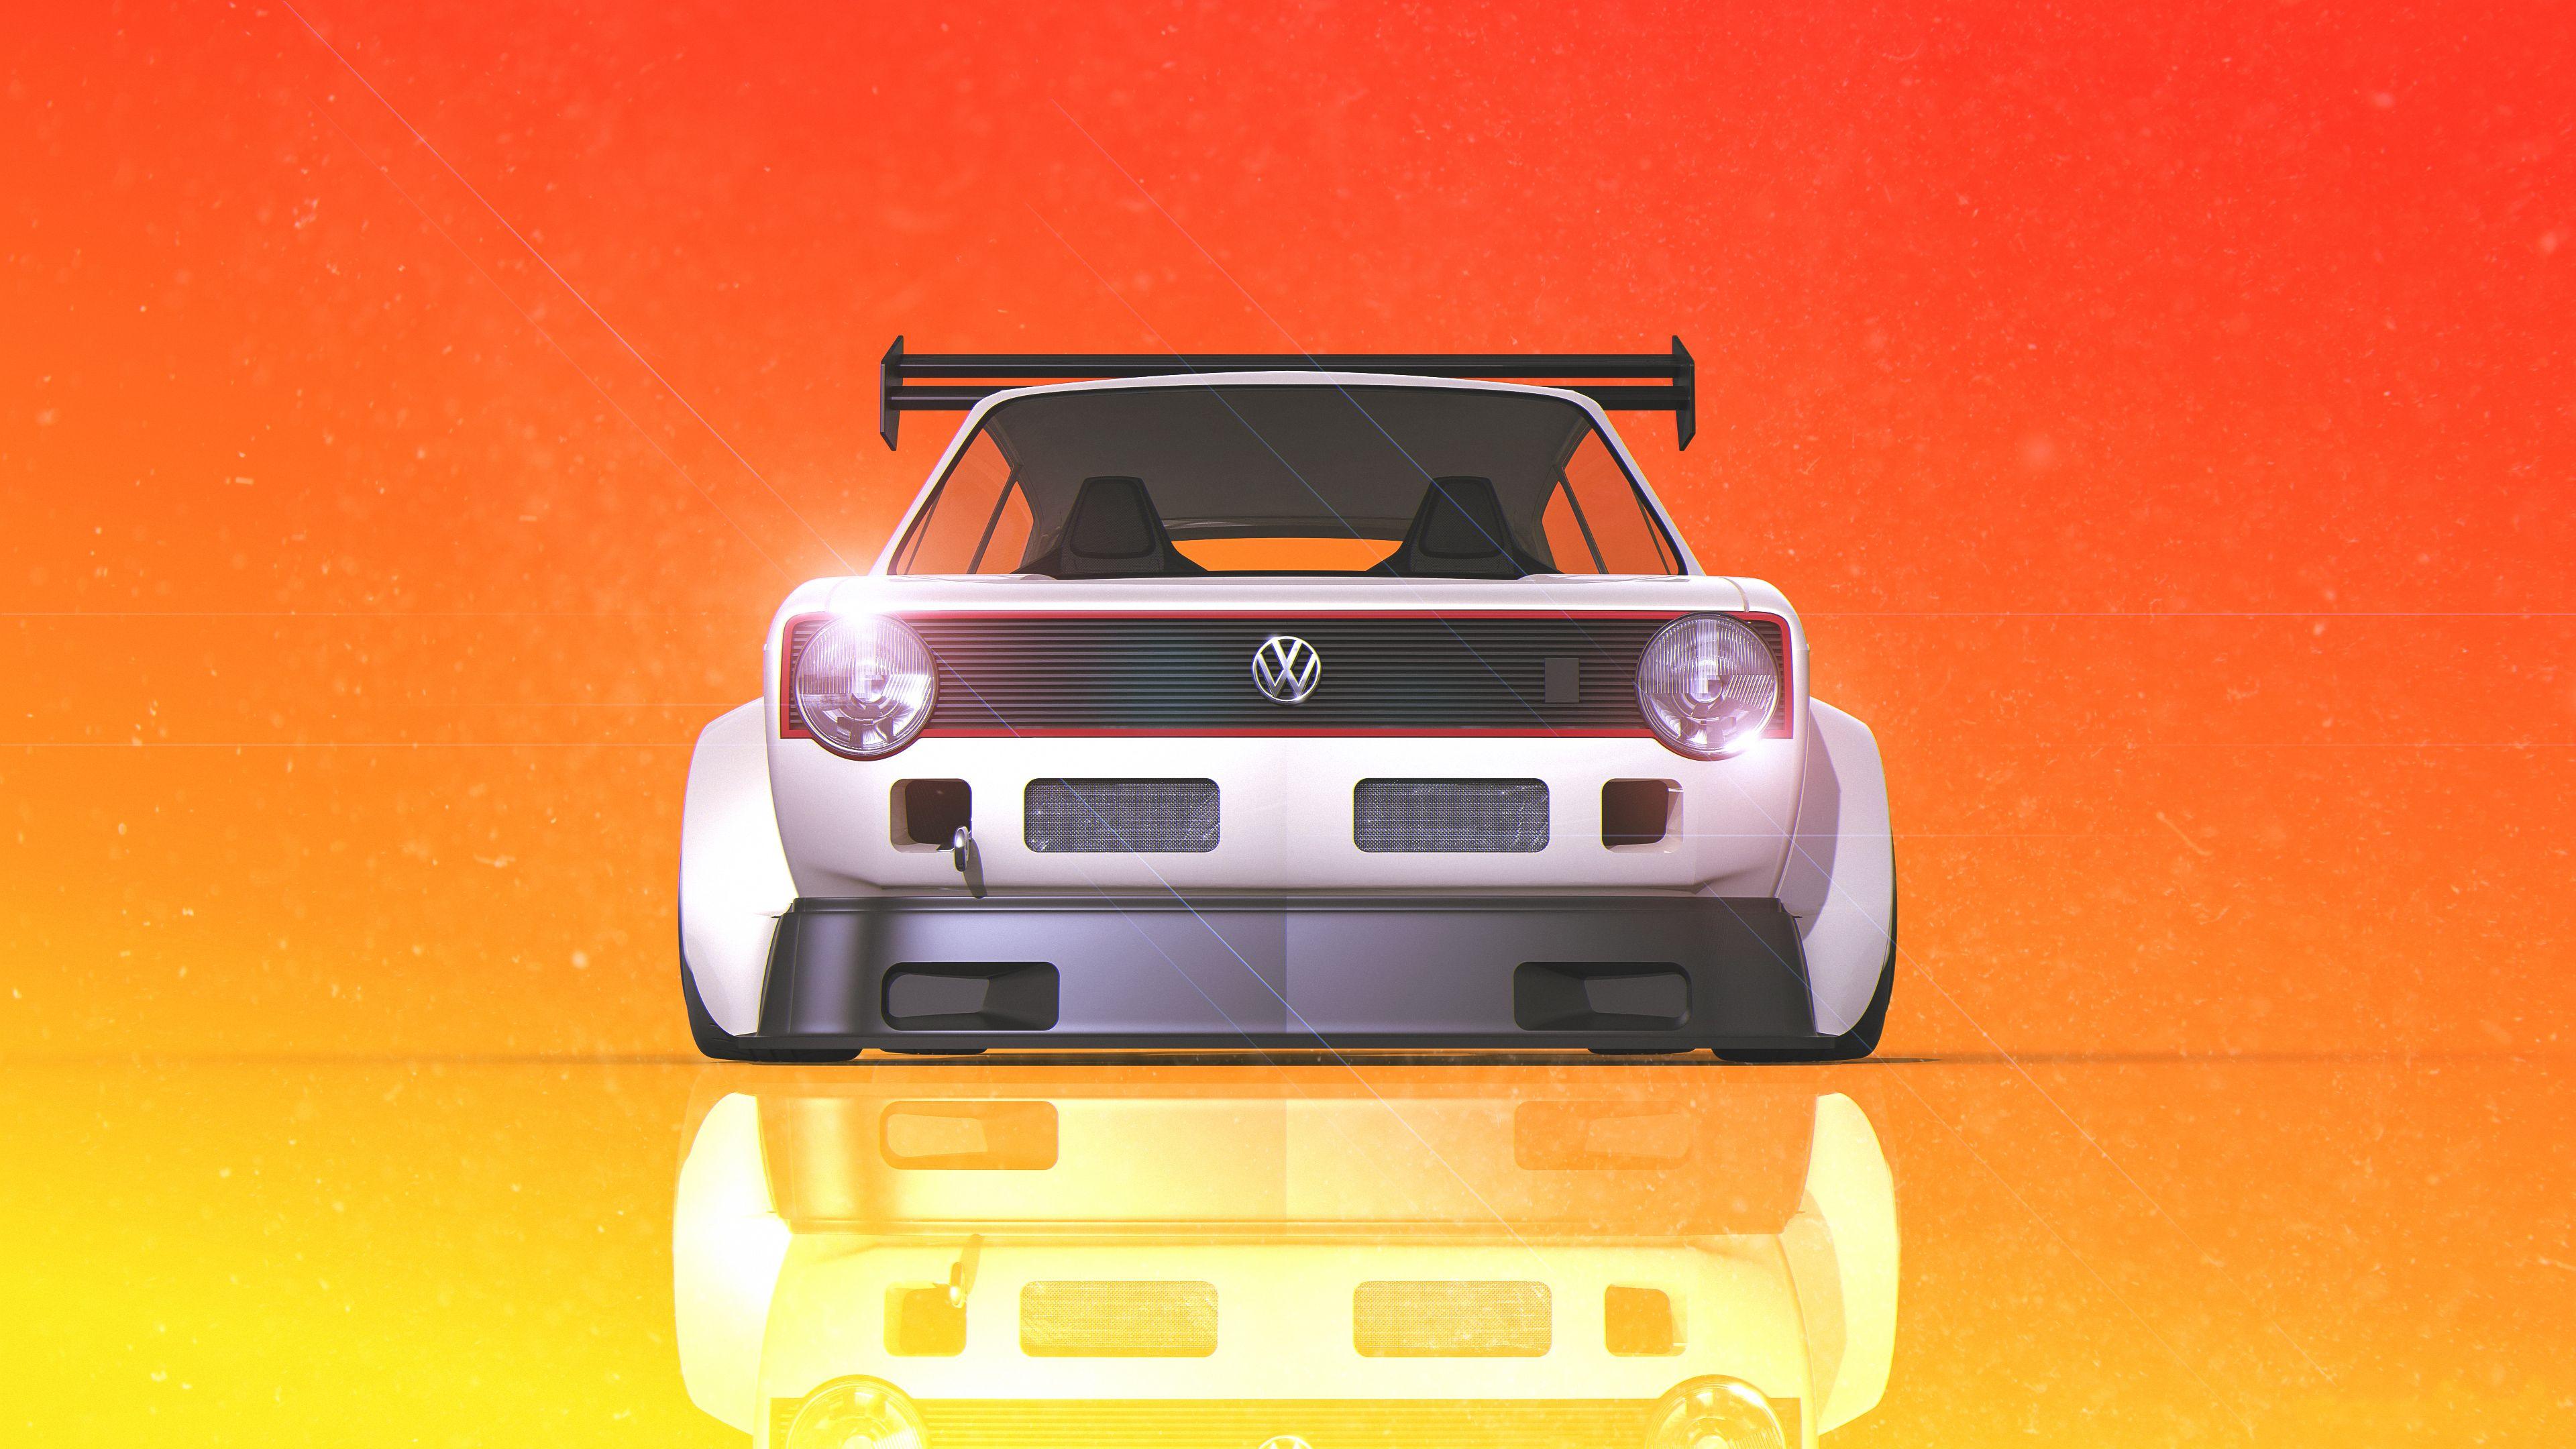 Volkswagen Golf Gti Digital Art 4k Volkswagen Wallpapers Volkswagen Gti Wallpapers Hd Wallpapers Digital Art Wallp Volkswagen Car Wallpapers Volkswagen Golf